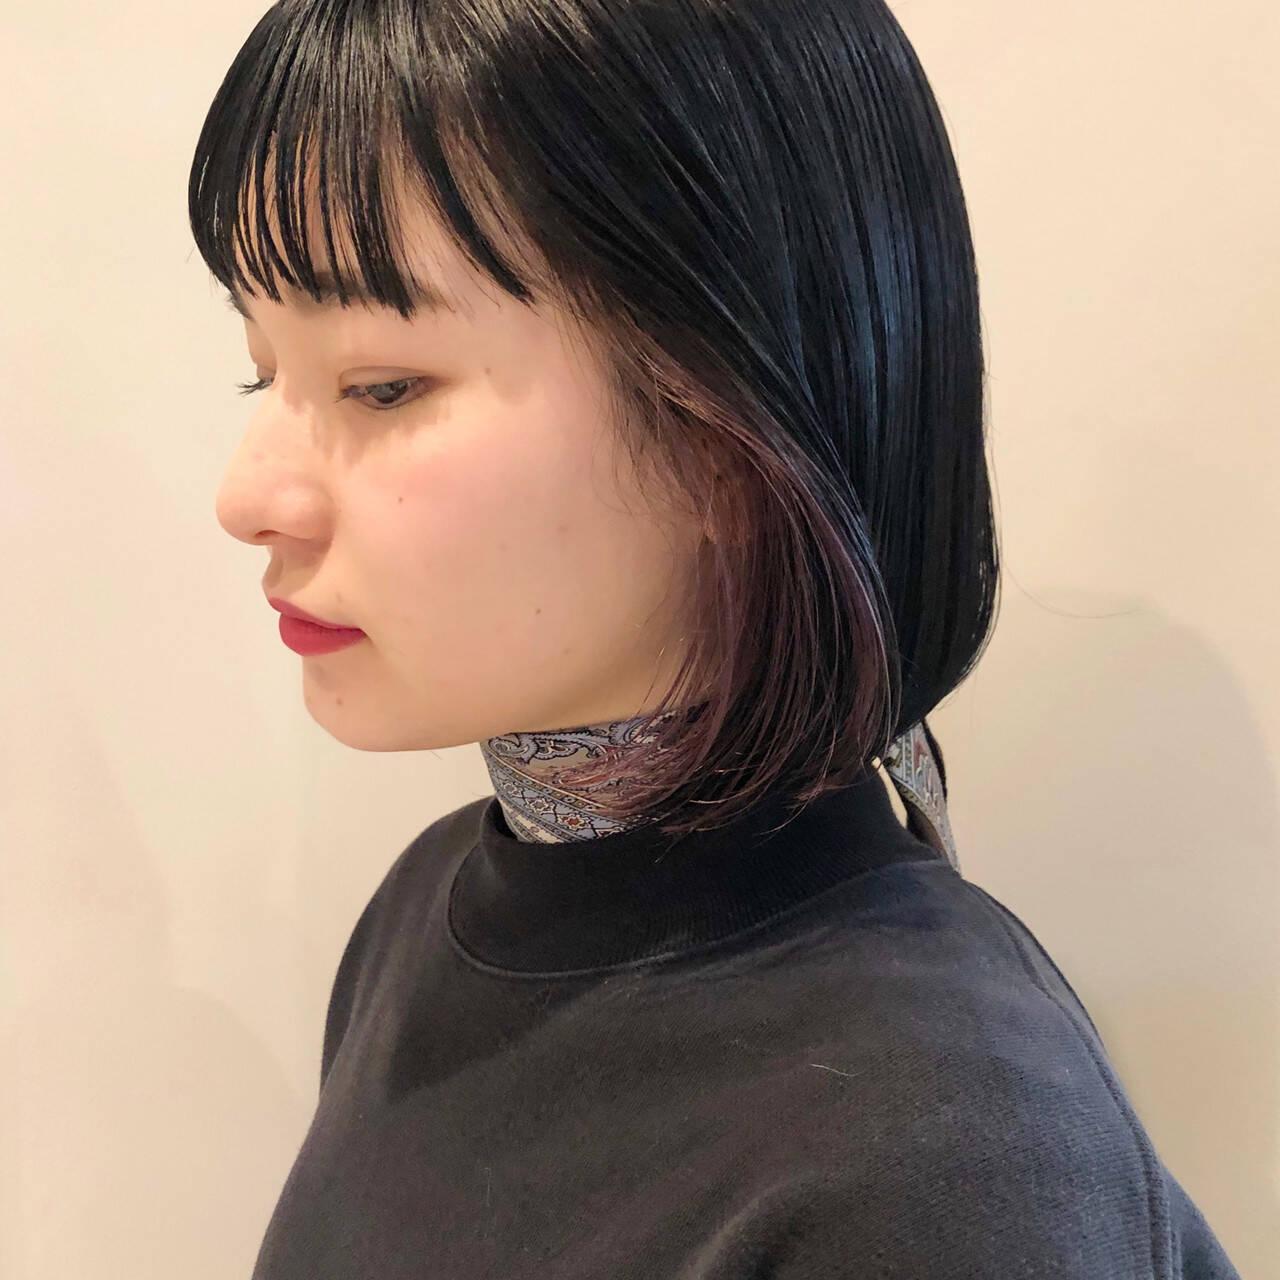 ナチュラル ミニボブ インナーカラー パープルアッシュヘアスタイルや髪型の写真・画像